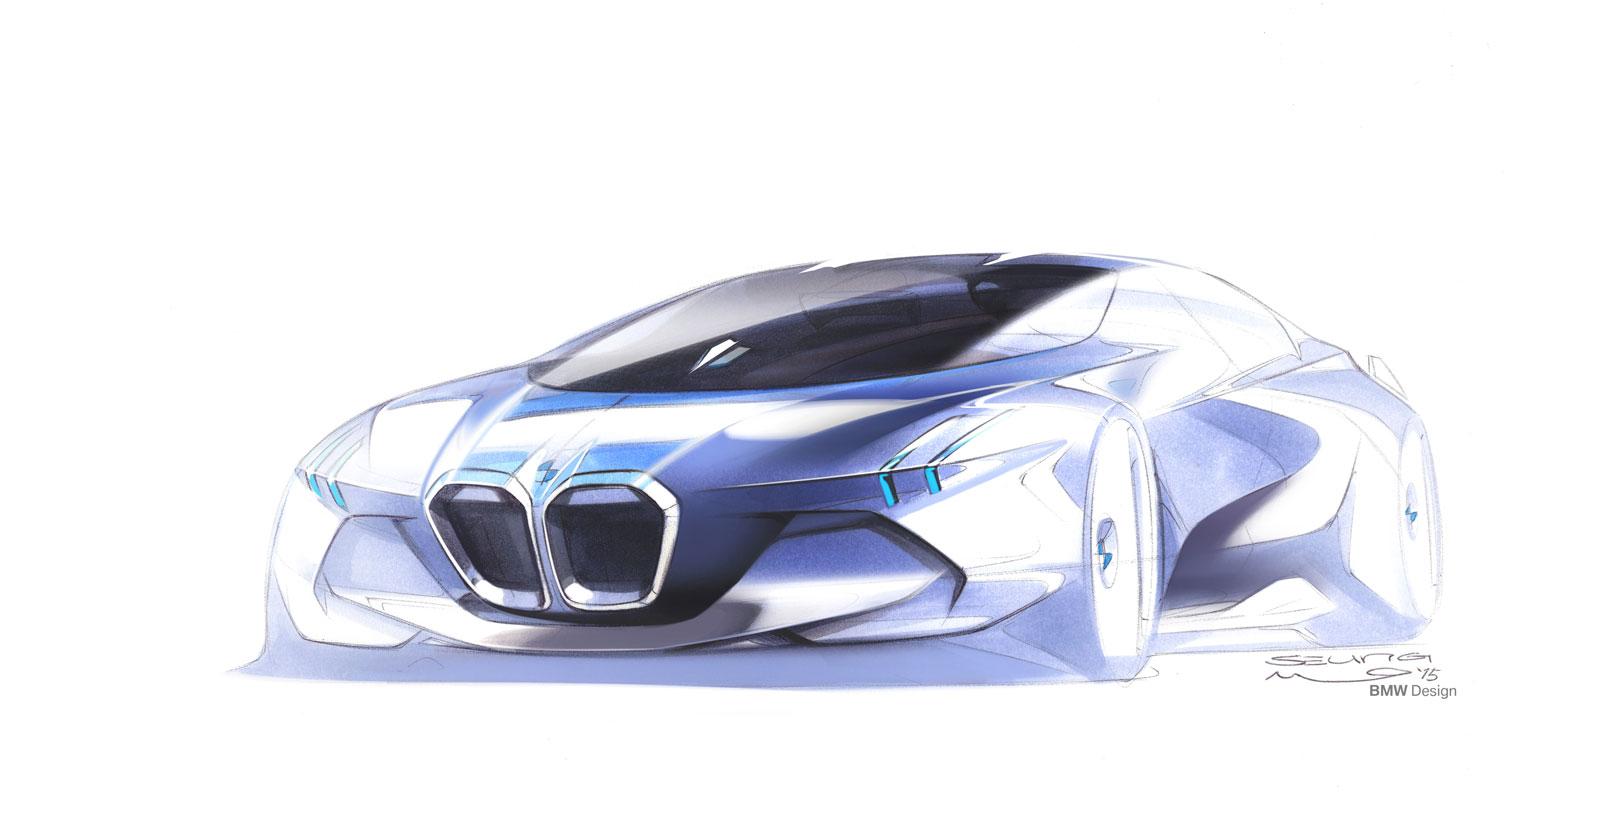 Bmw Vision Next 100 Concept Design Sketch Car Body Design